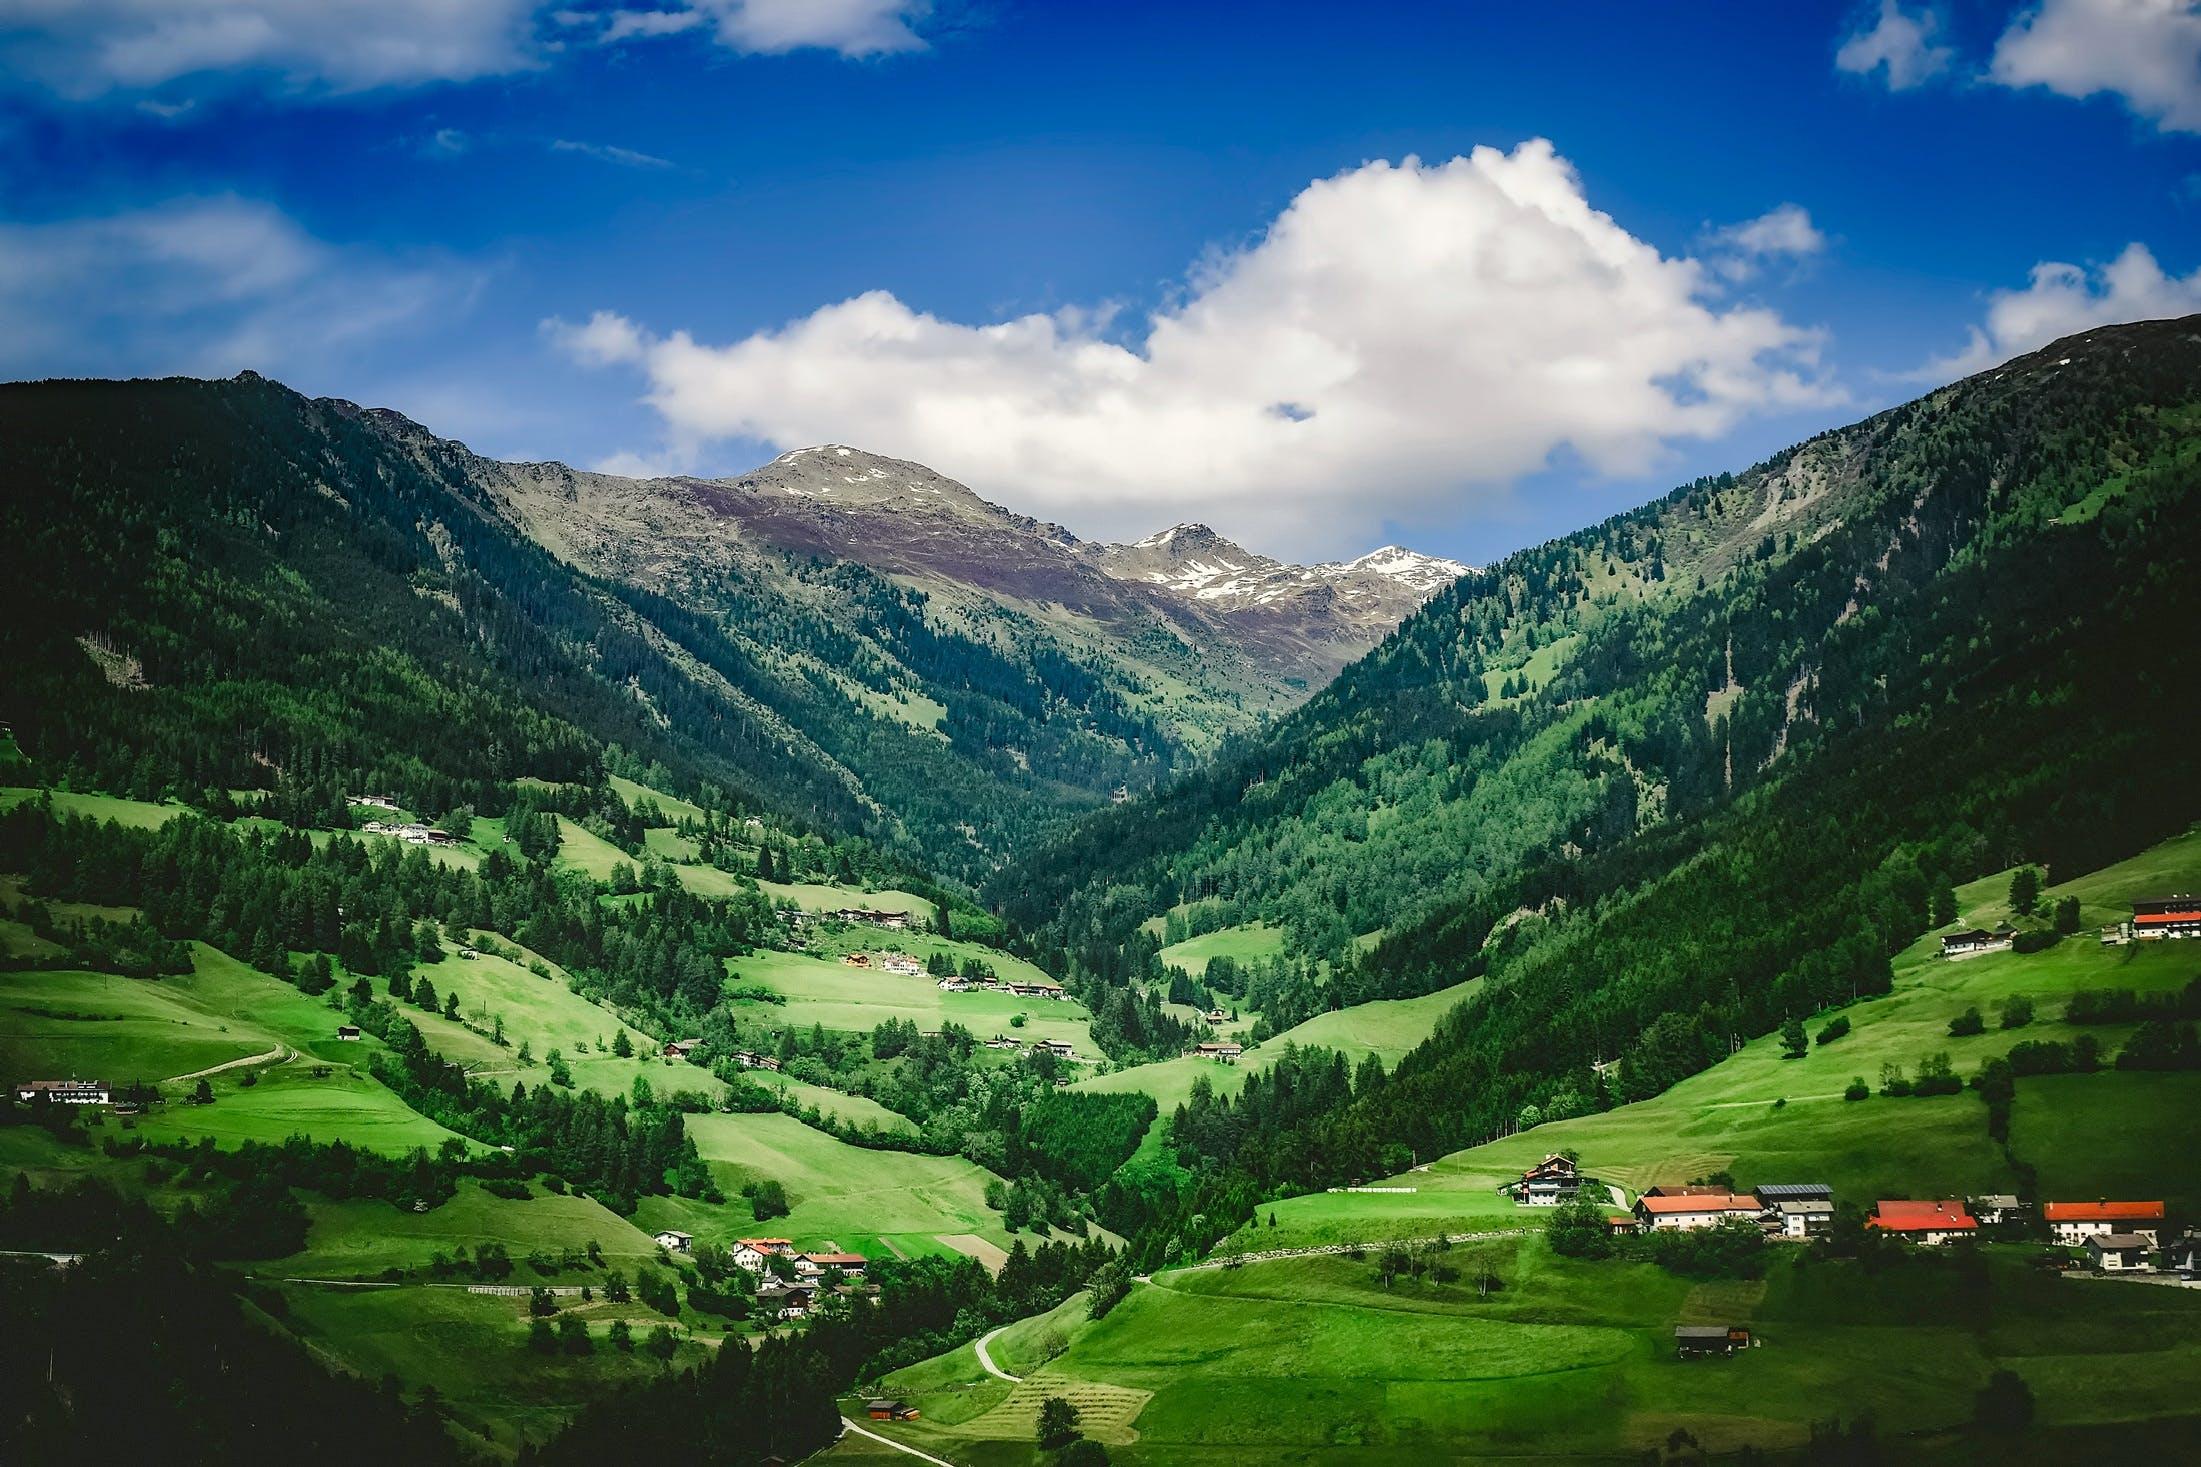 austria, beautiful, clouds